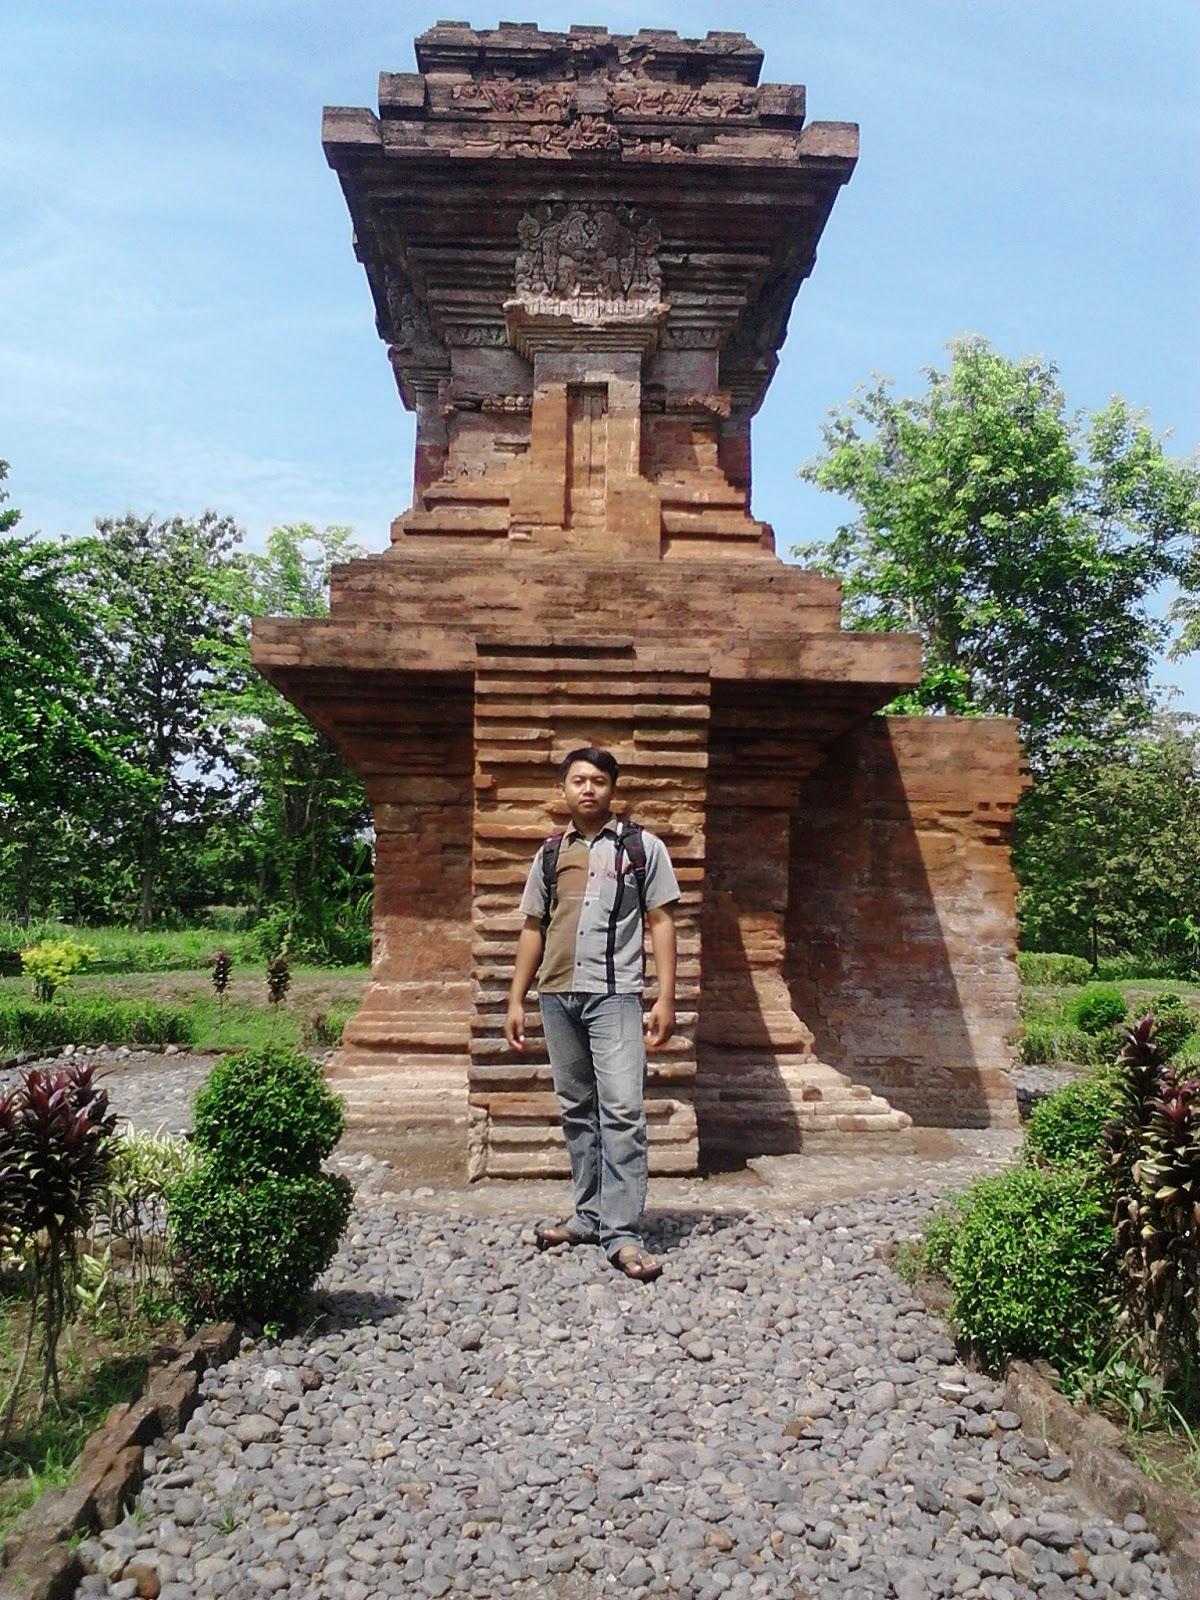 Panembahan Raden Sri Tanjung Paiton Sejarah Candi Jabung Kab Probolinggo